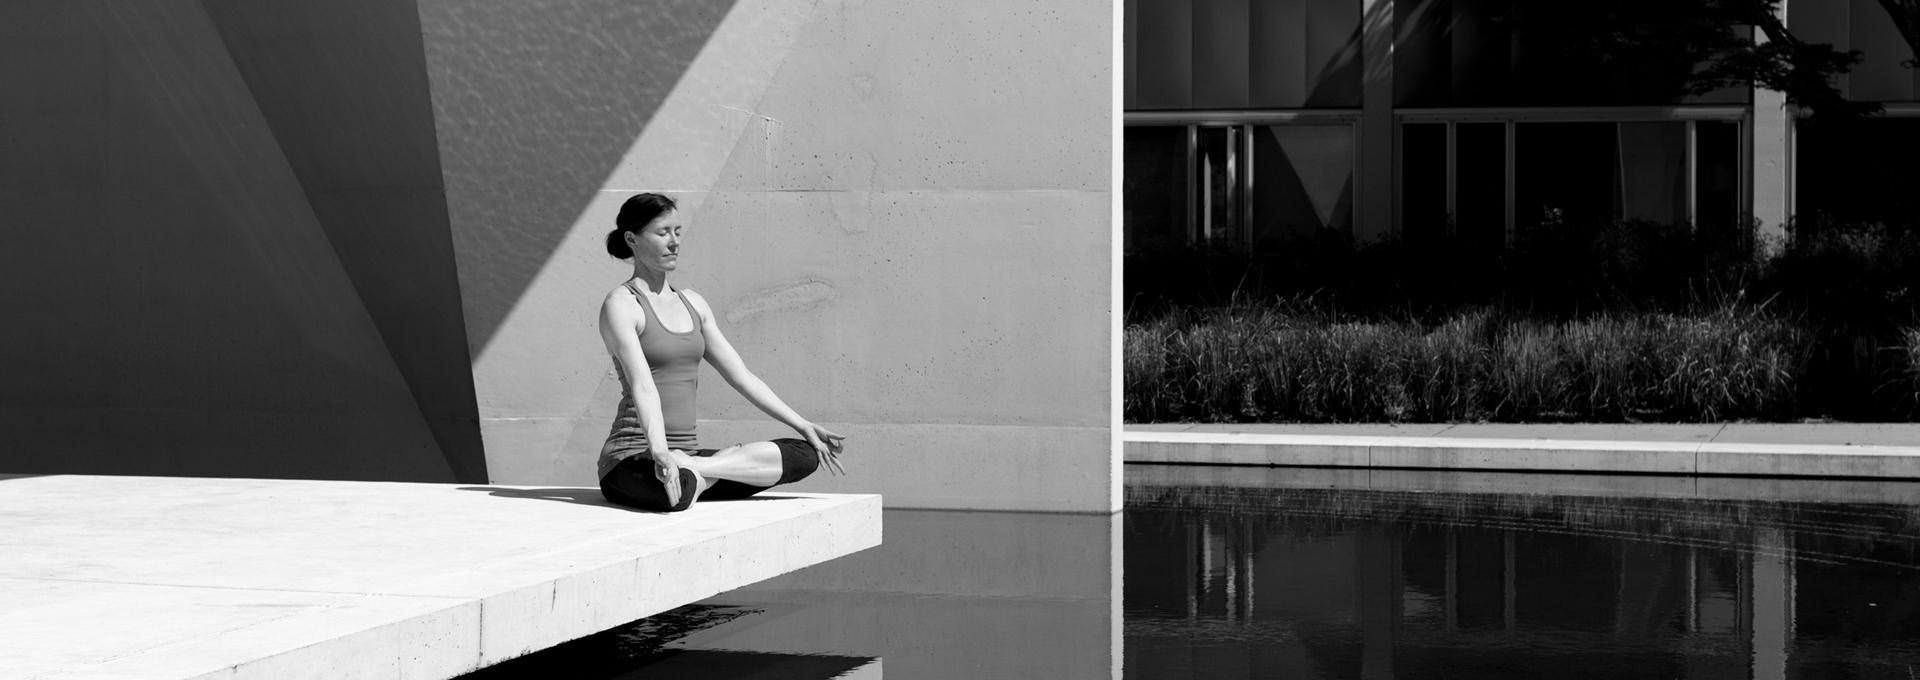 Медитация на предназначение в жизни: как узнать своё призвание и стать удовлетворённым